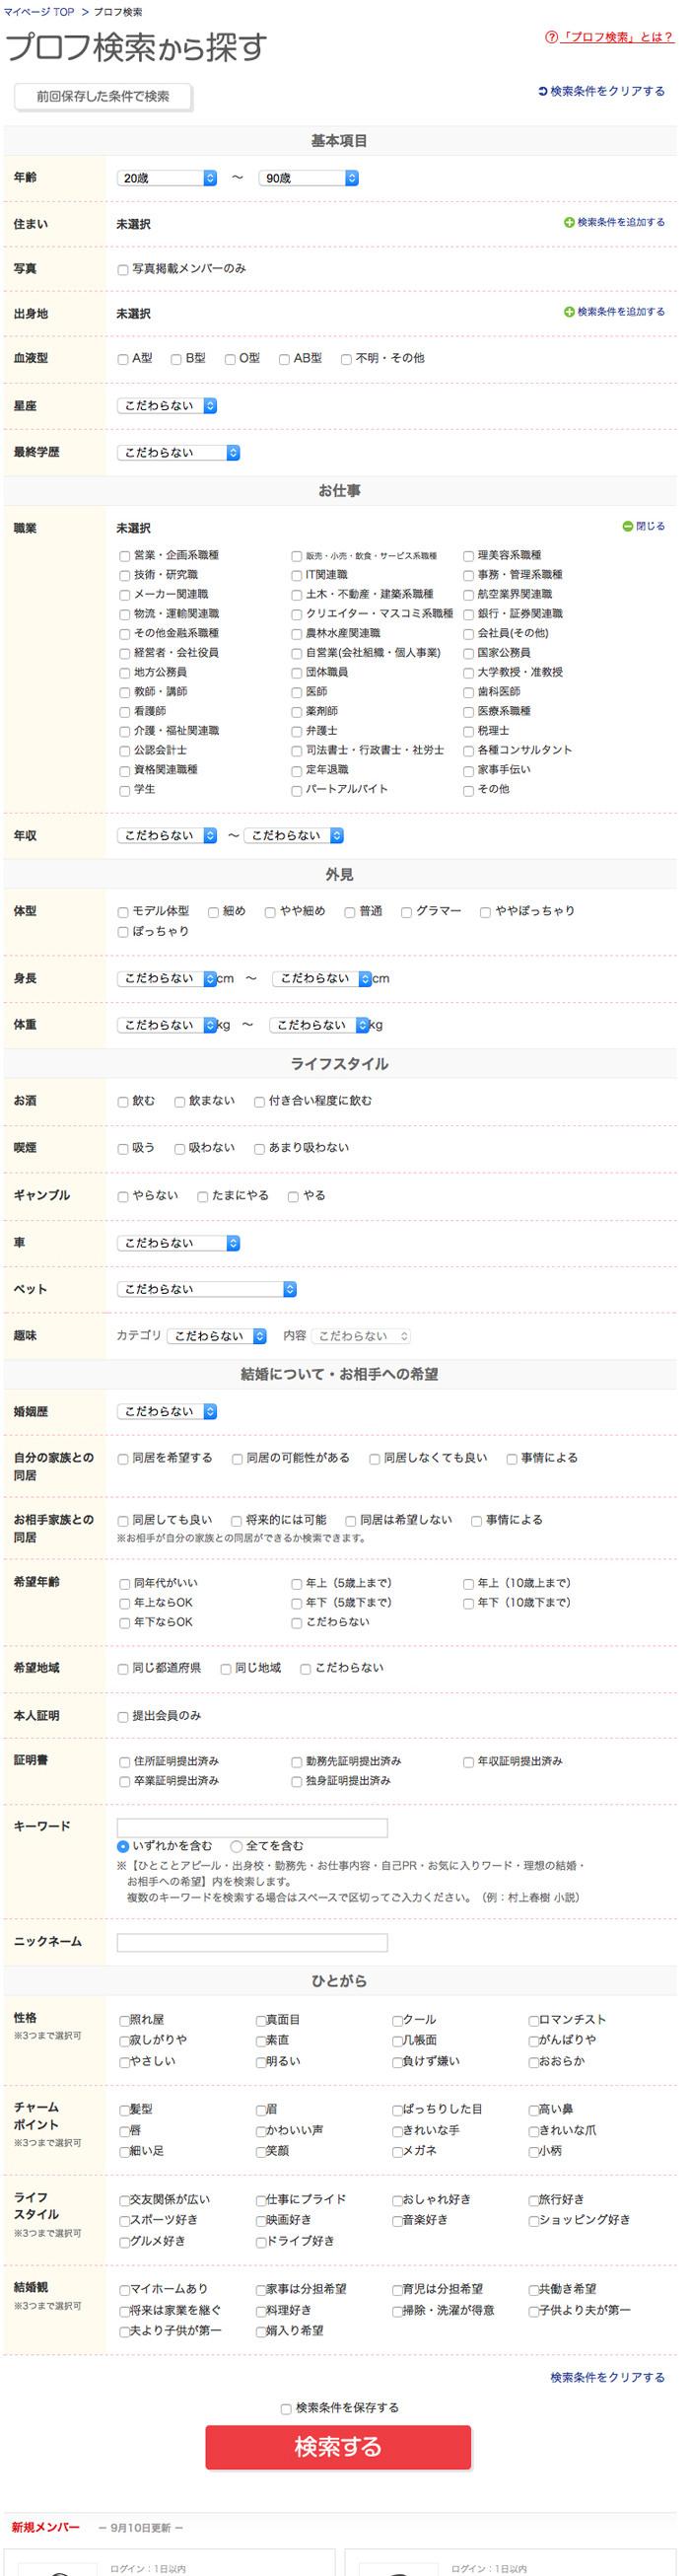 ブライダルネットのキーワード検索を含め、検索項目が充実していて詳細検索が可です